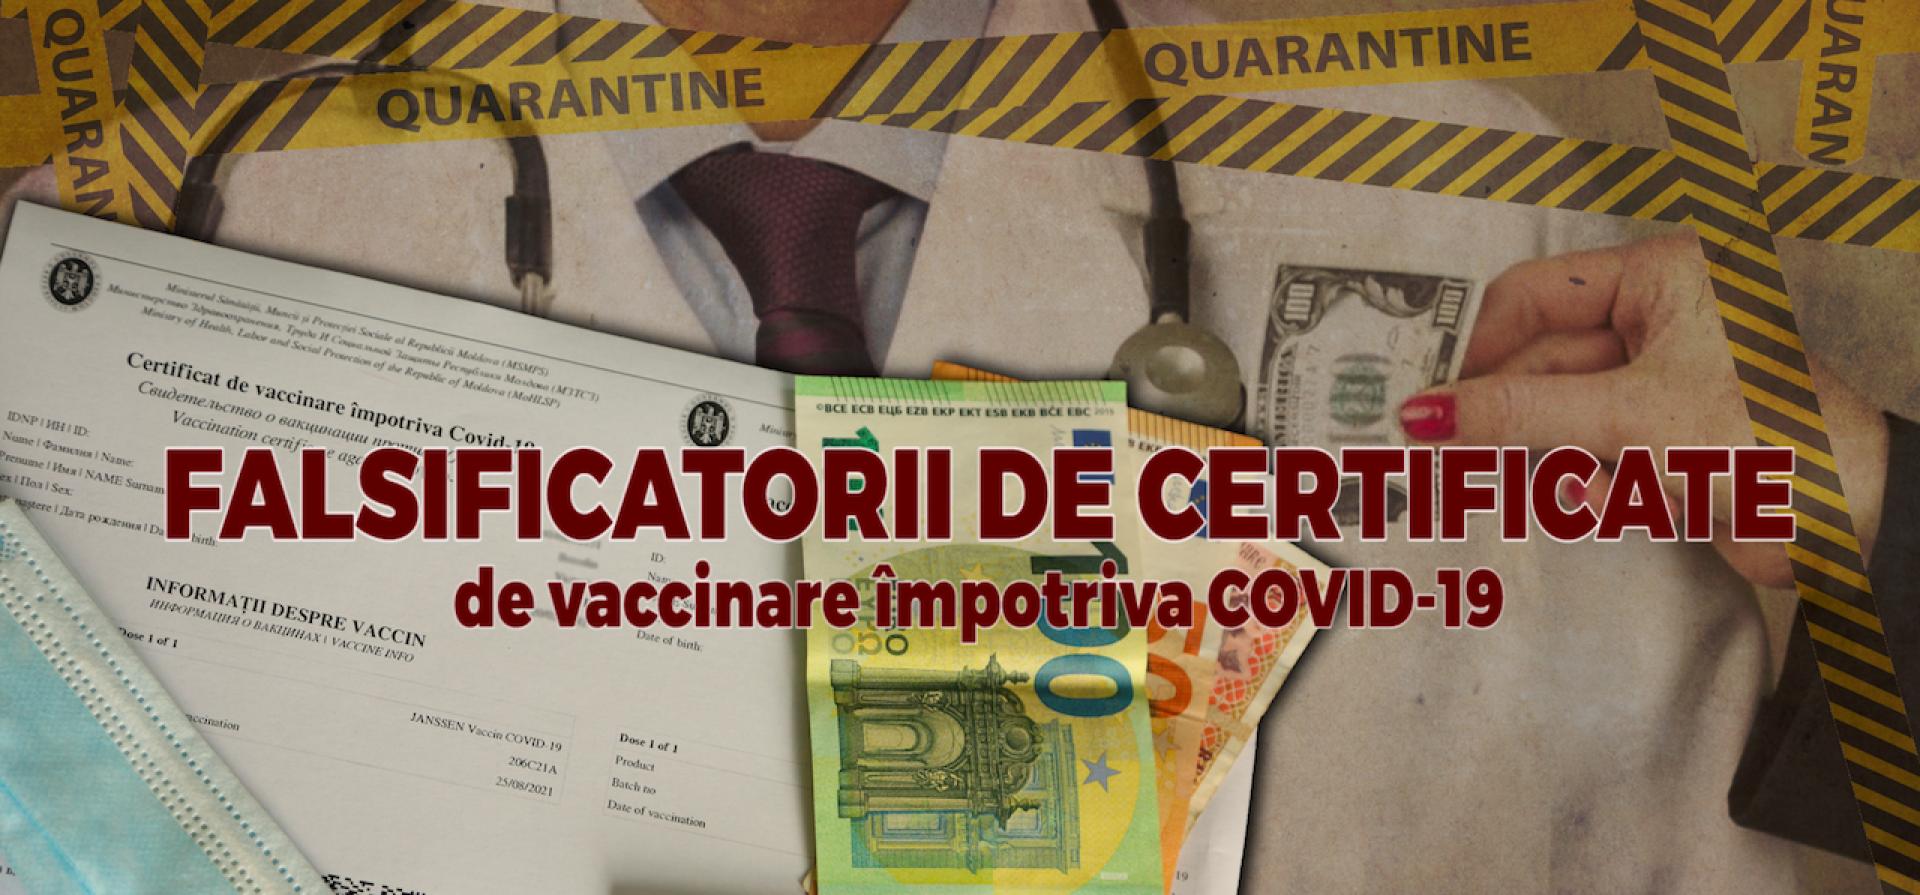 """VIDEO/ Falsificatorii de certificate de vaccinare împotriva COVID-19: """"Ați înțeles, da? Două verzi"""""""